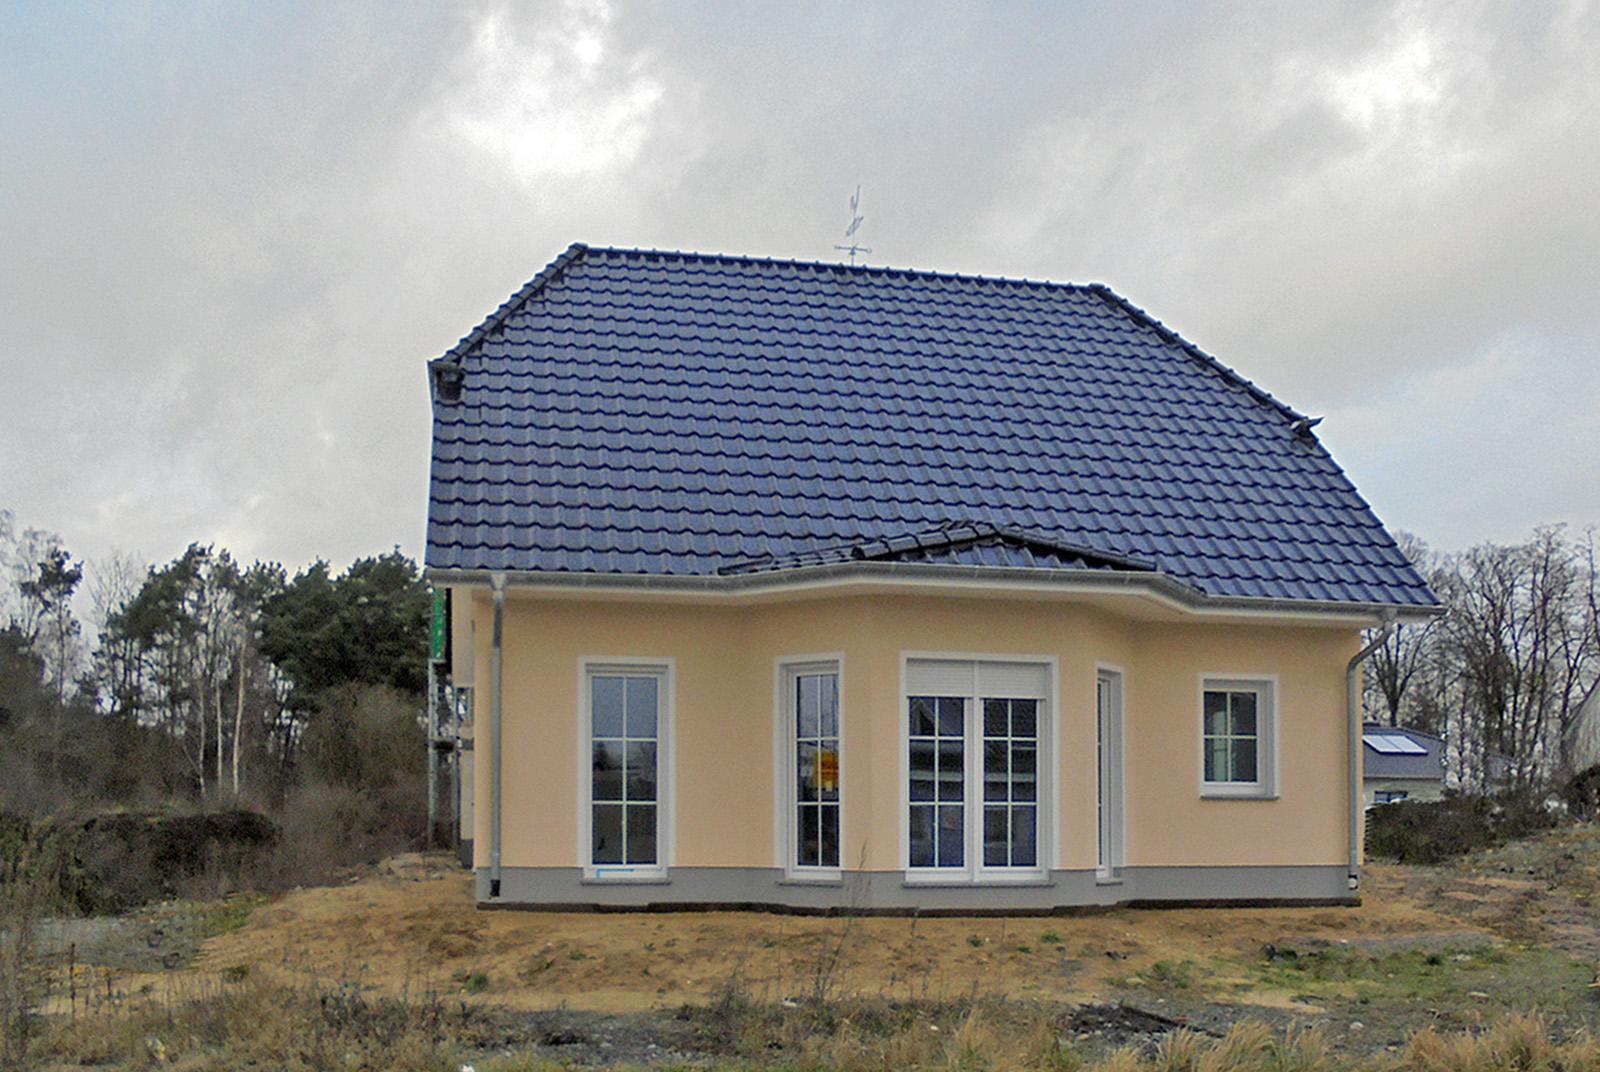 ein neues zuhause l dt ein hausbesichtigung am 20 21 september in rehfelde m rkische schweiz. Black Bedroom Furniture Sets. Home Design Ideas